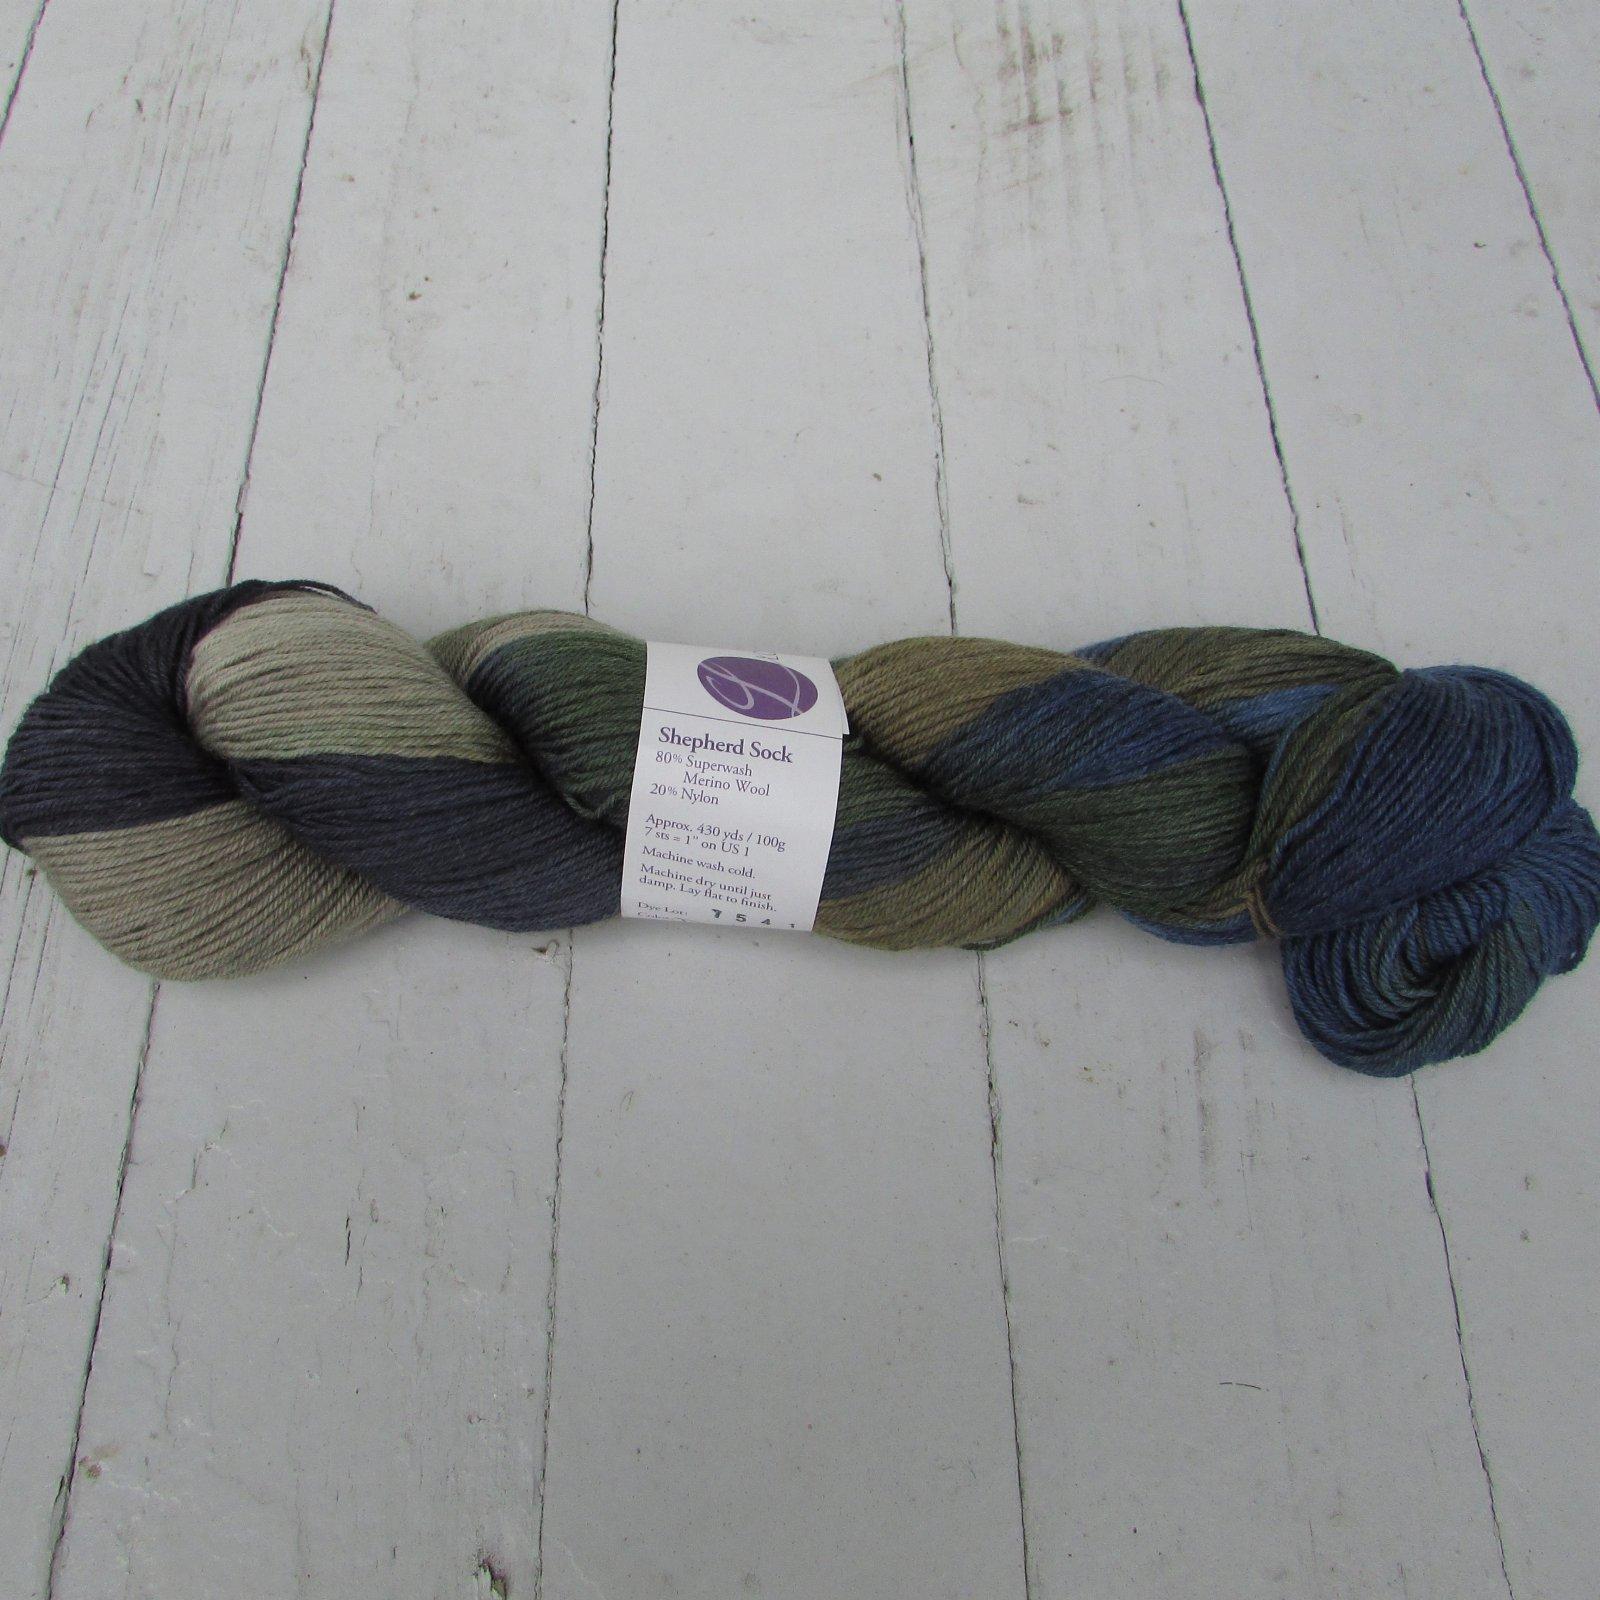 Lorna's Laces Shepherd Sock